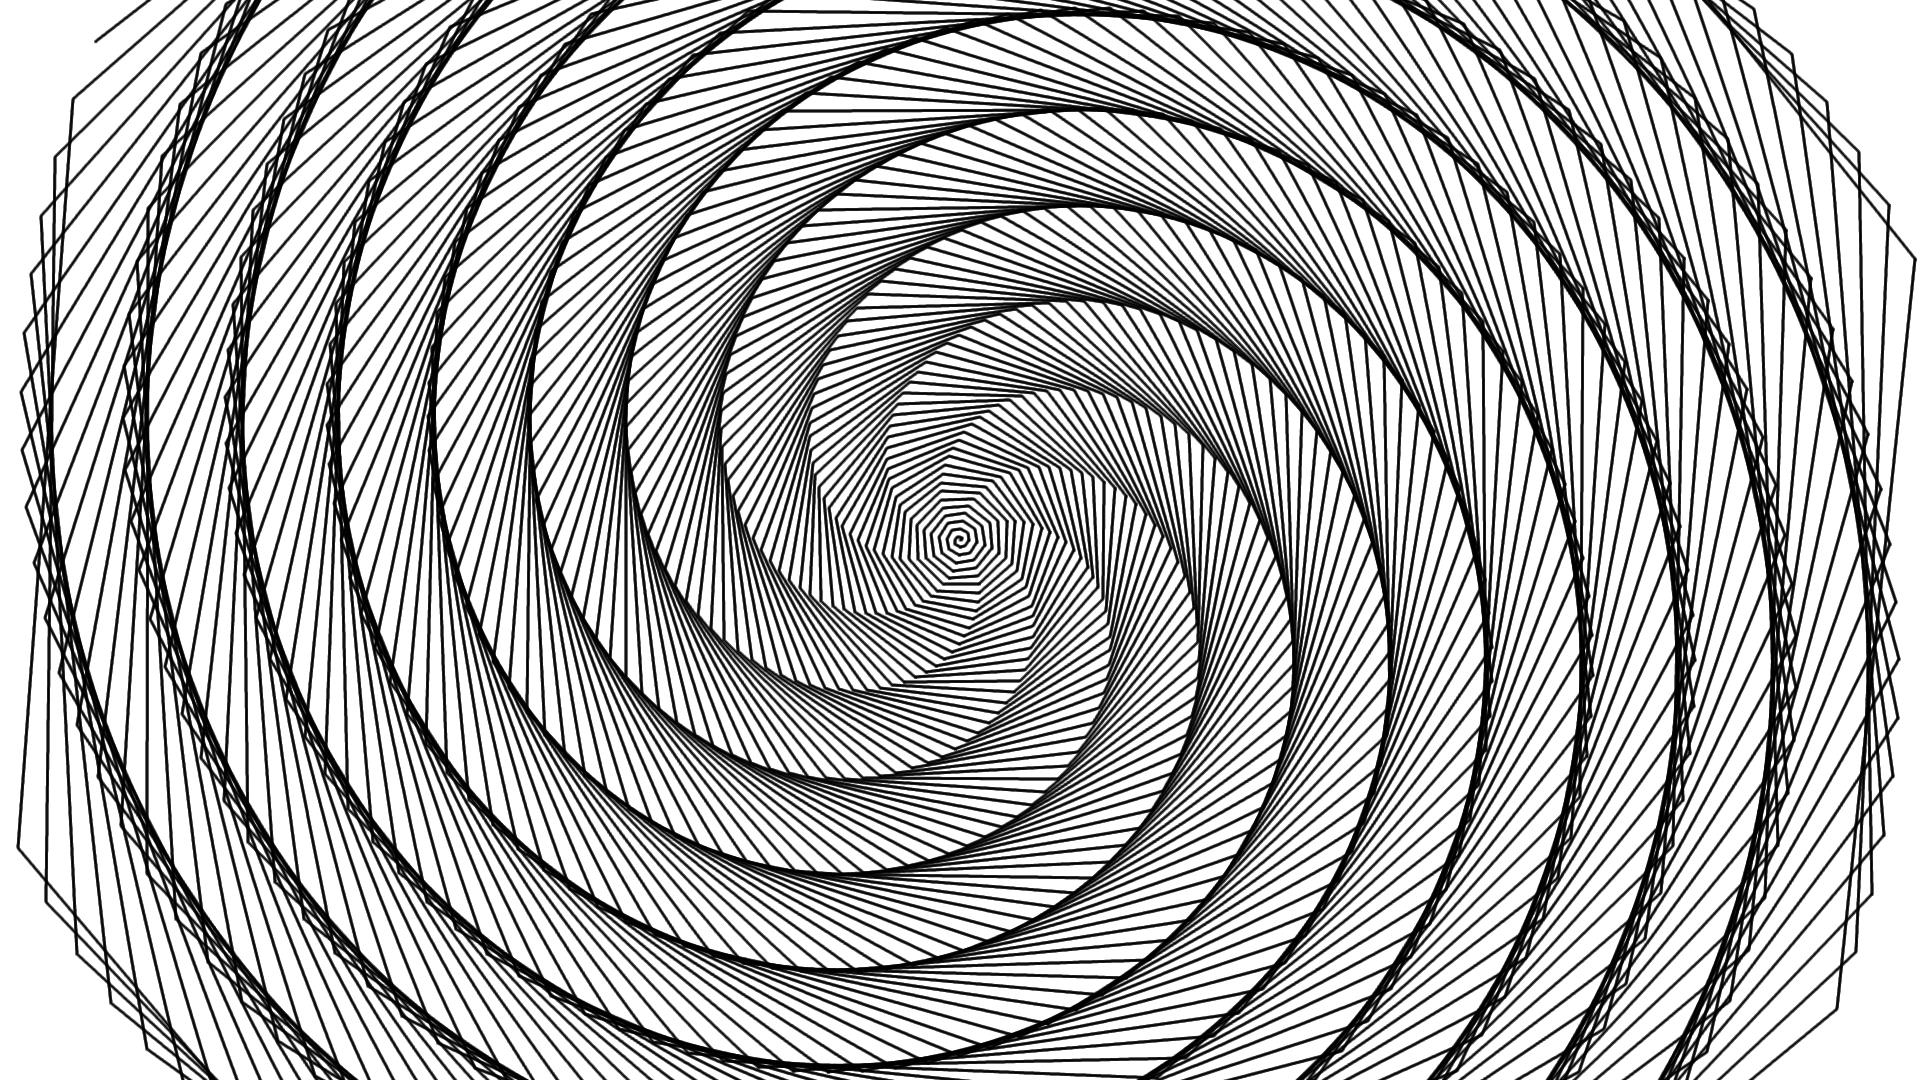 Spirals.py demo